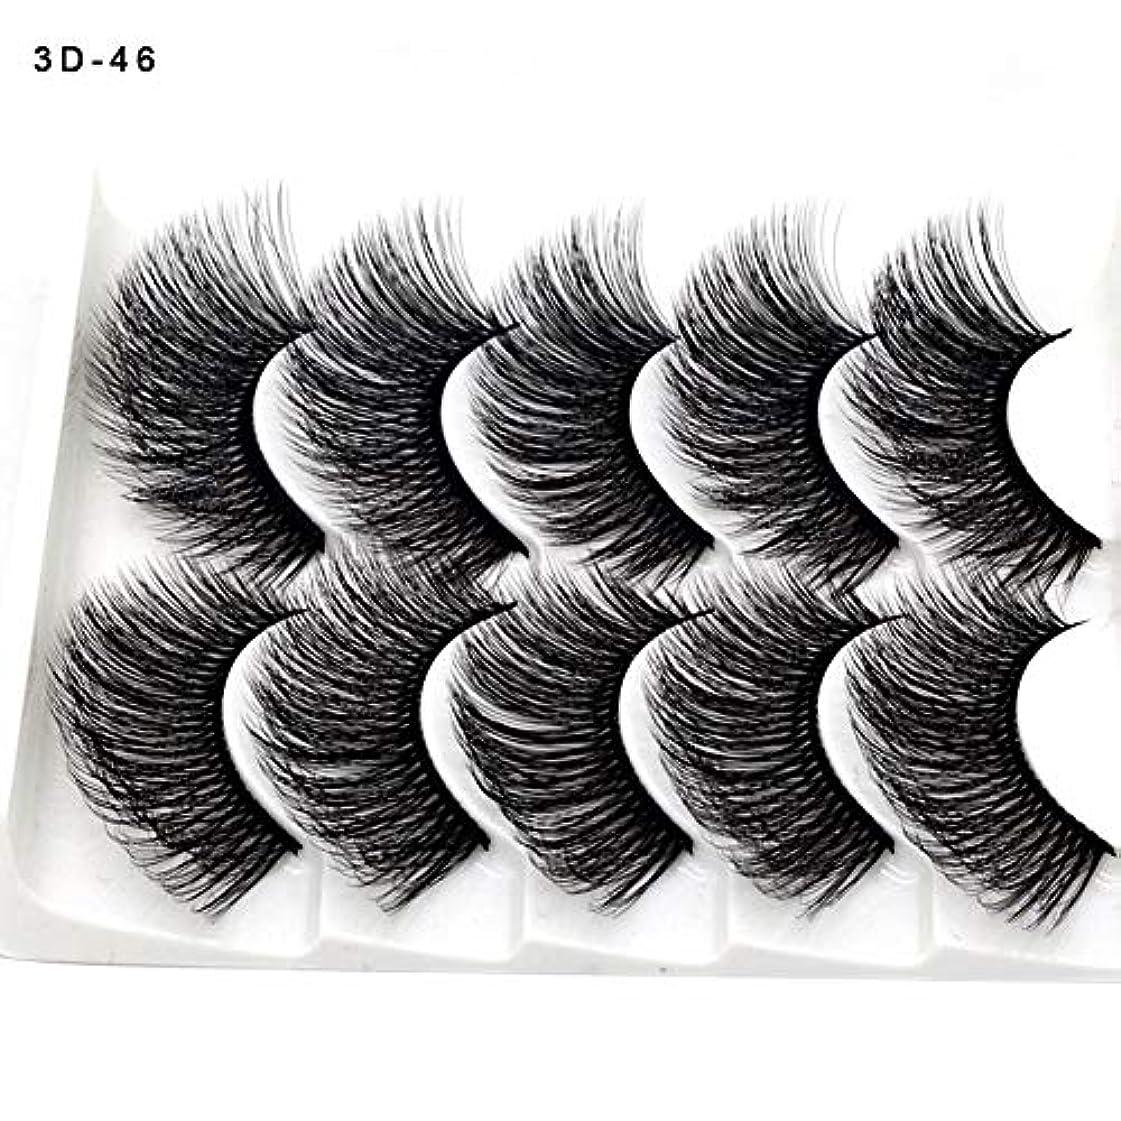 適性局にもかかわらずSILUN つけまつげ 5ペア つけまつ毛 3D 上まつげ 100%手作り 自然 濃密 メイクアップ ナチュラル 長持ち ピュアナチュラル まつげエクステ ふんわり 大人気